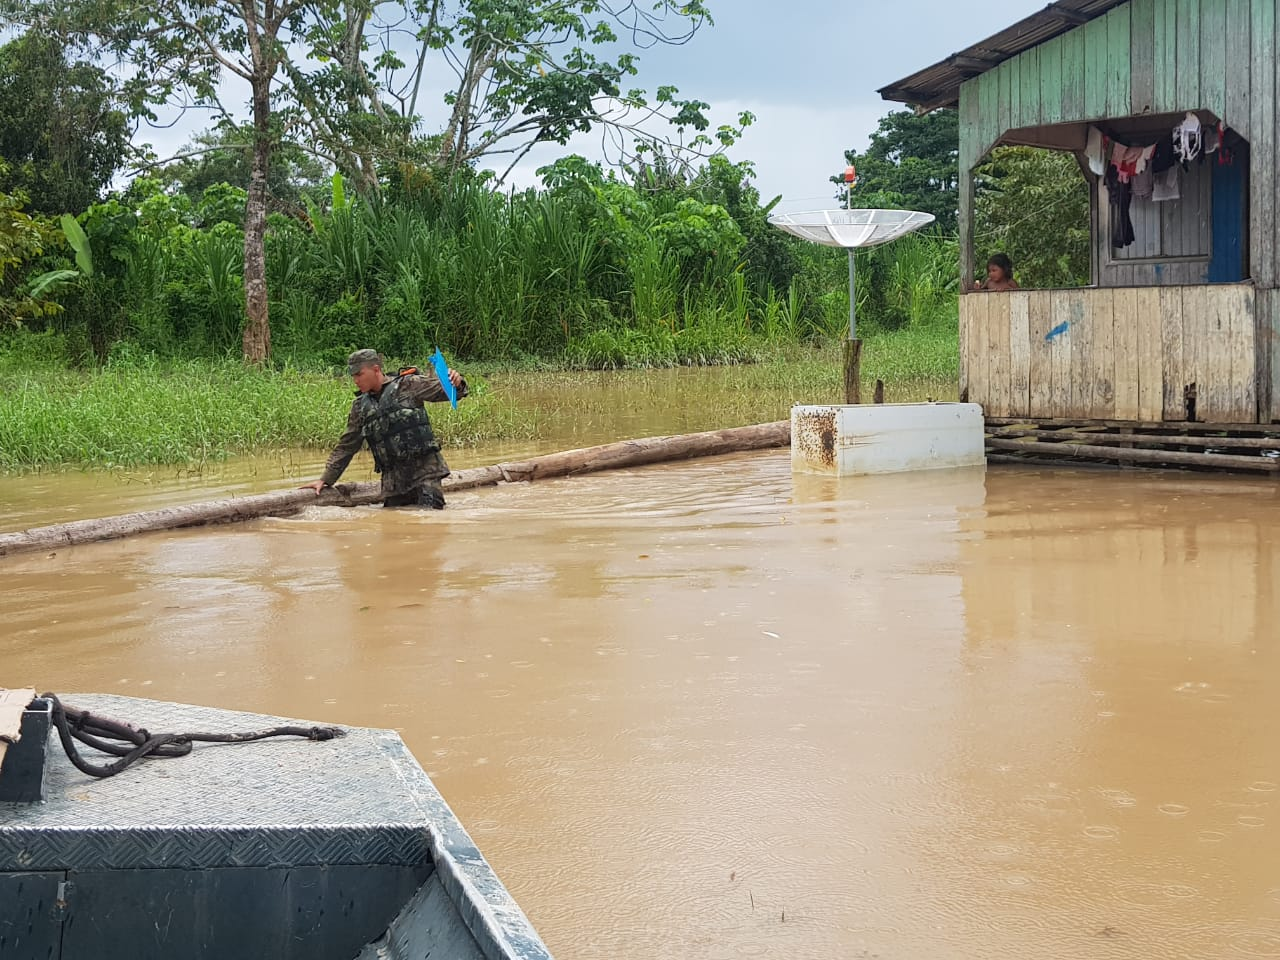 Equipe do Destacamento de Controle de Tráfego Aéreo de Cruzeiro do Sul ajuda população ribeirinha